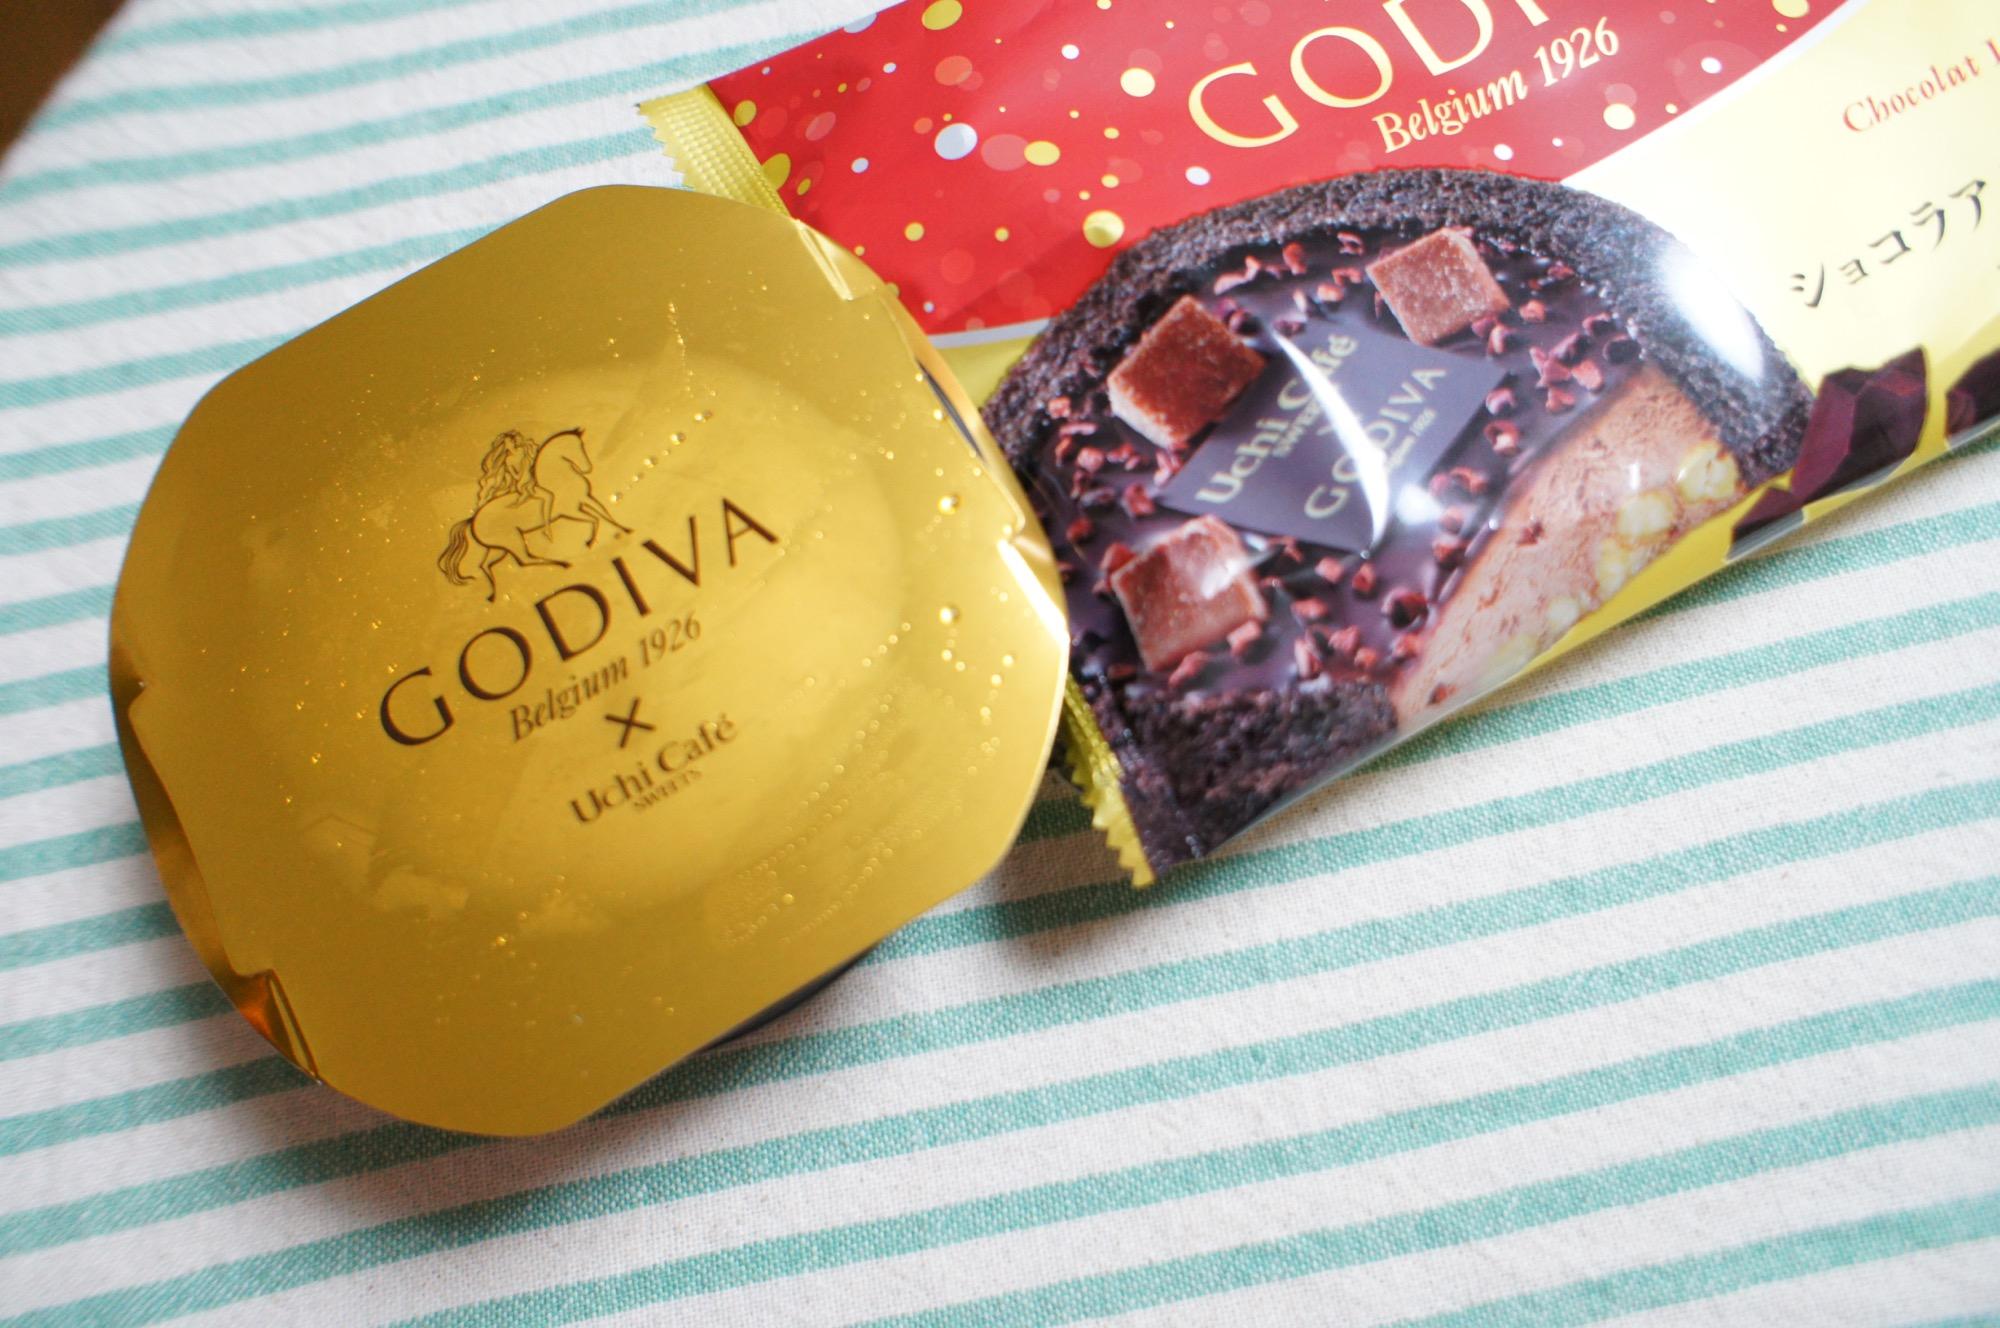 《大人気❤️コラボスイーツ!》【LAWSON × GODIVA】ショコラアイスクリームロールケーキが絶品☻_2